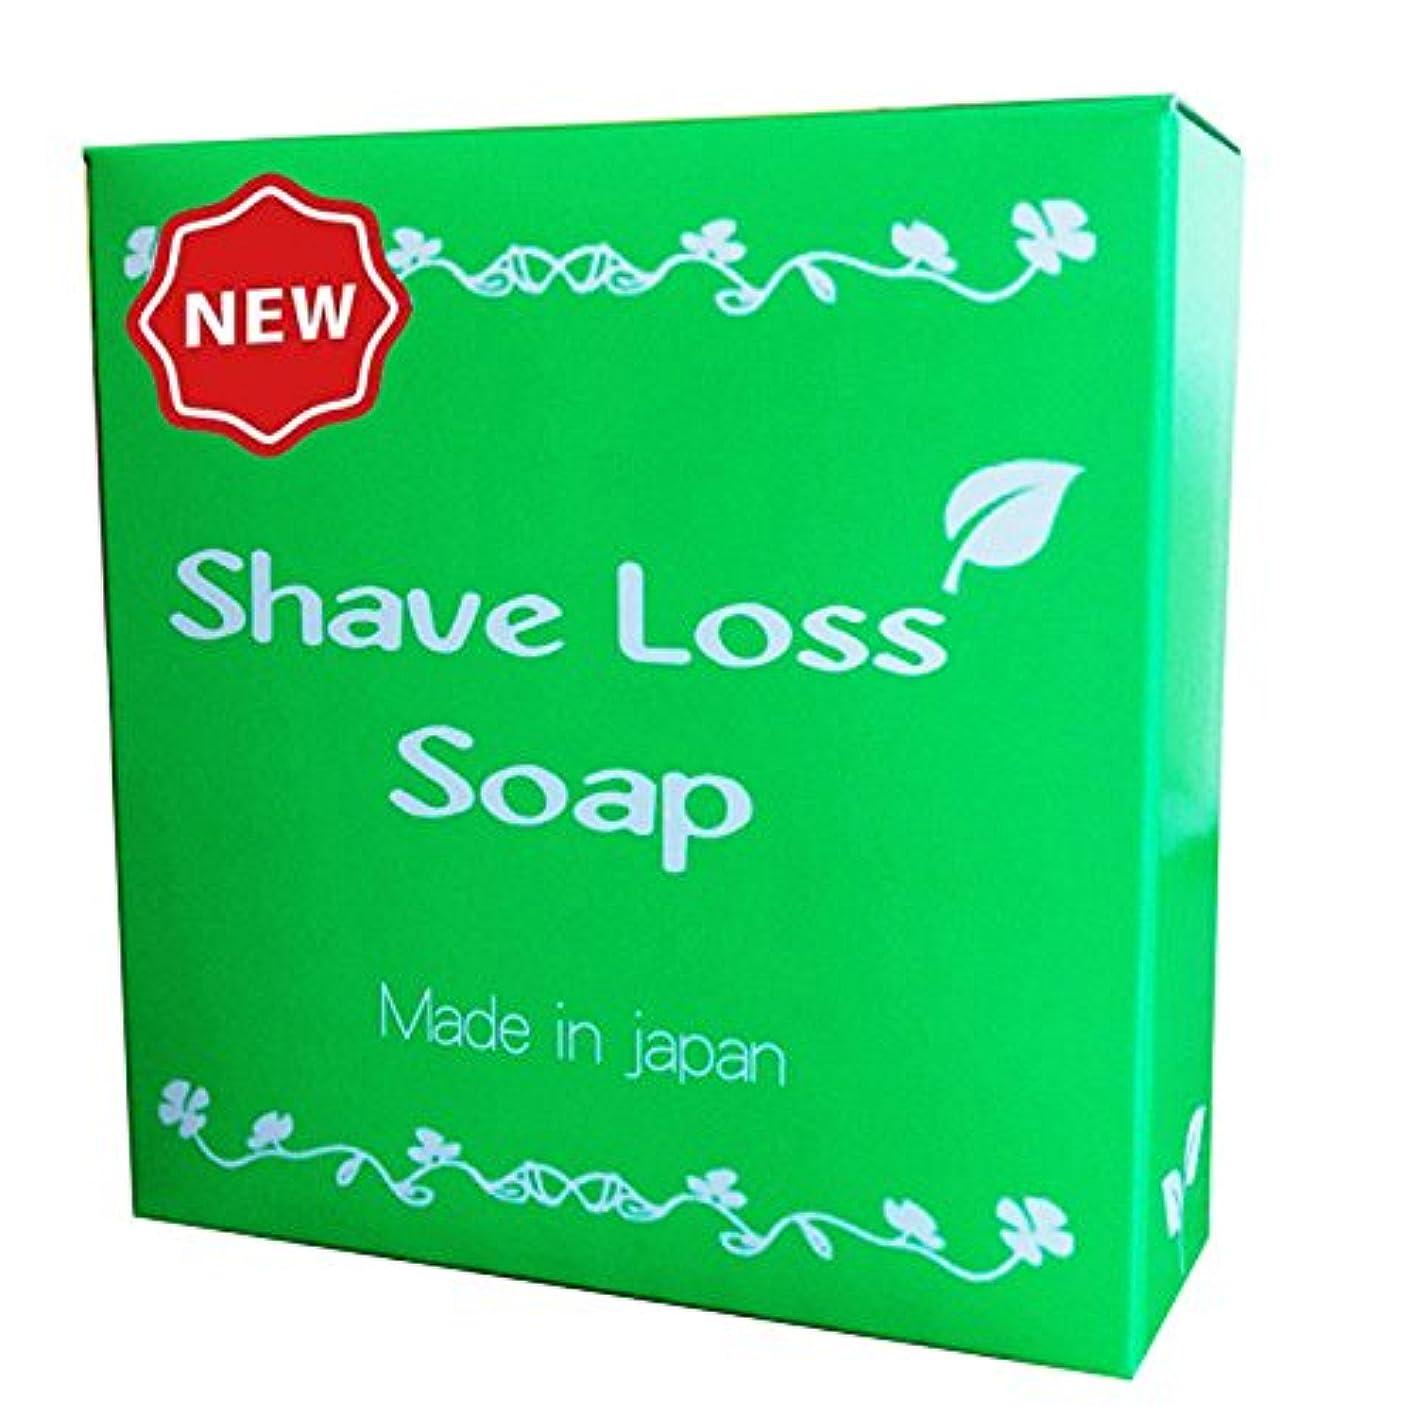 式セレナ白鳥【NEW】Shave Loss Soap 女性の願いを叶える 石鹸 80g 「ダイズ種子エキス」 「ラレアディバリカタエキス」大幅増量タイプ